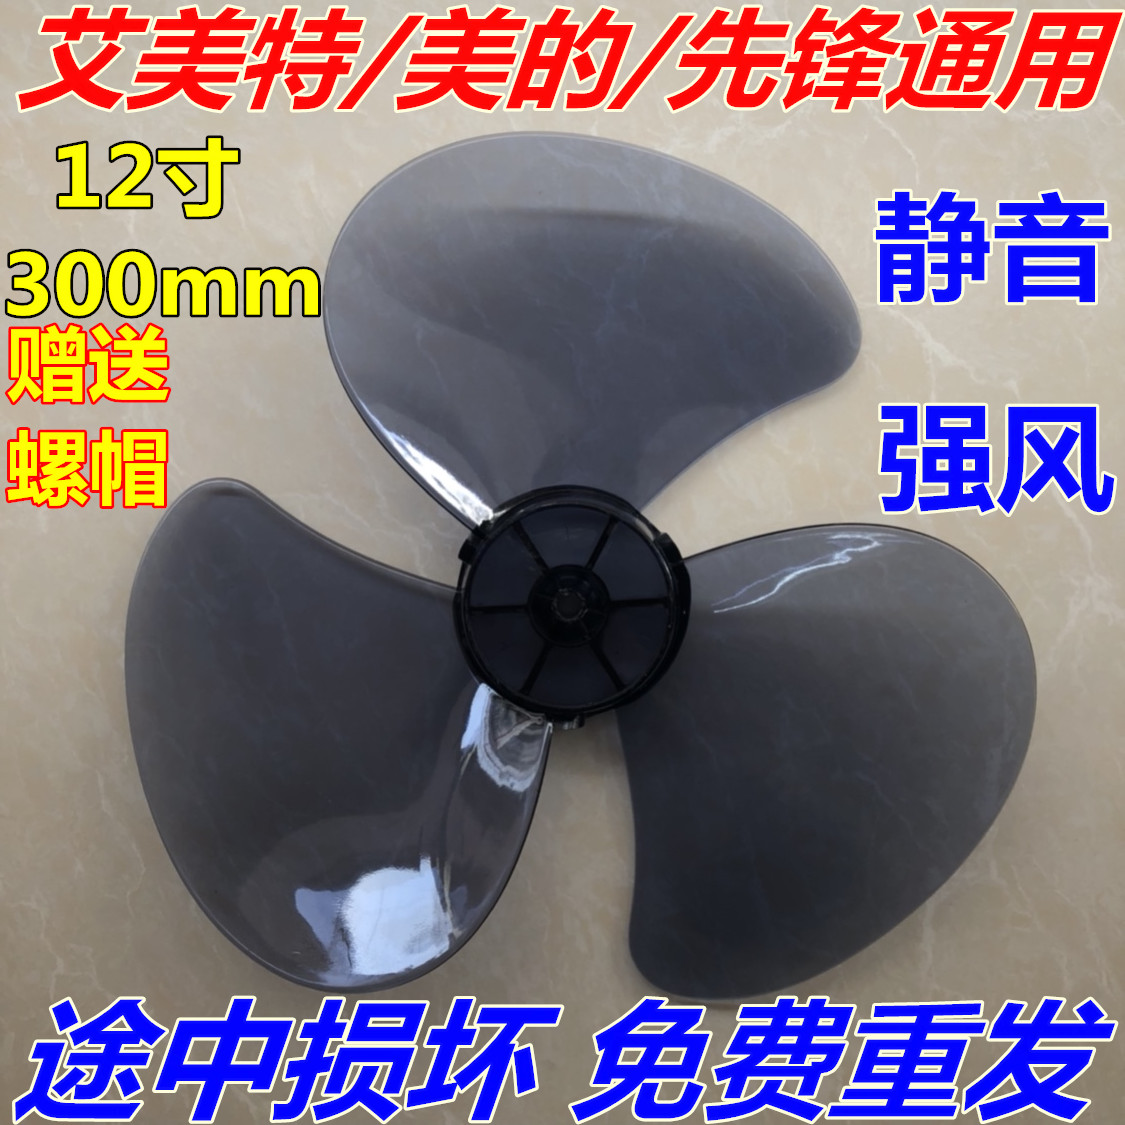 電風扇配件風葉電風扇扇葉艾美特美的先鋒通用300mm12寸葉片